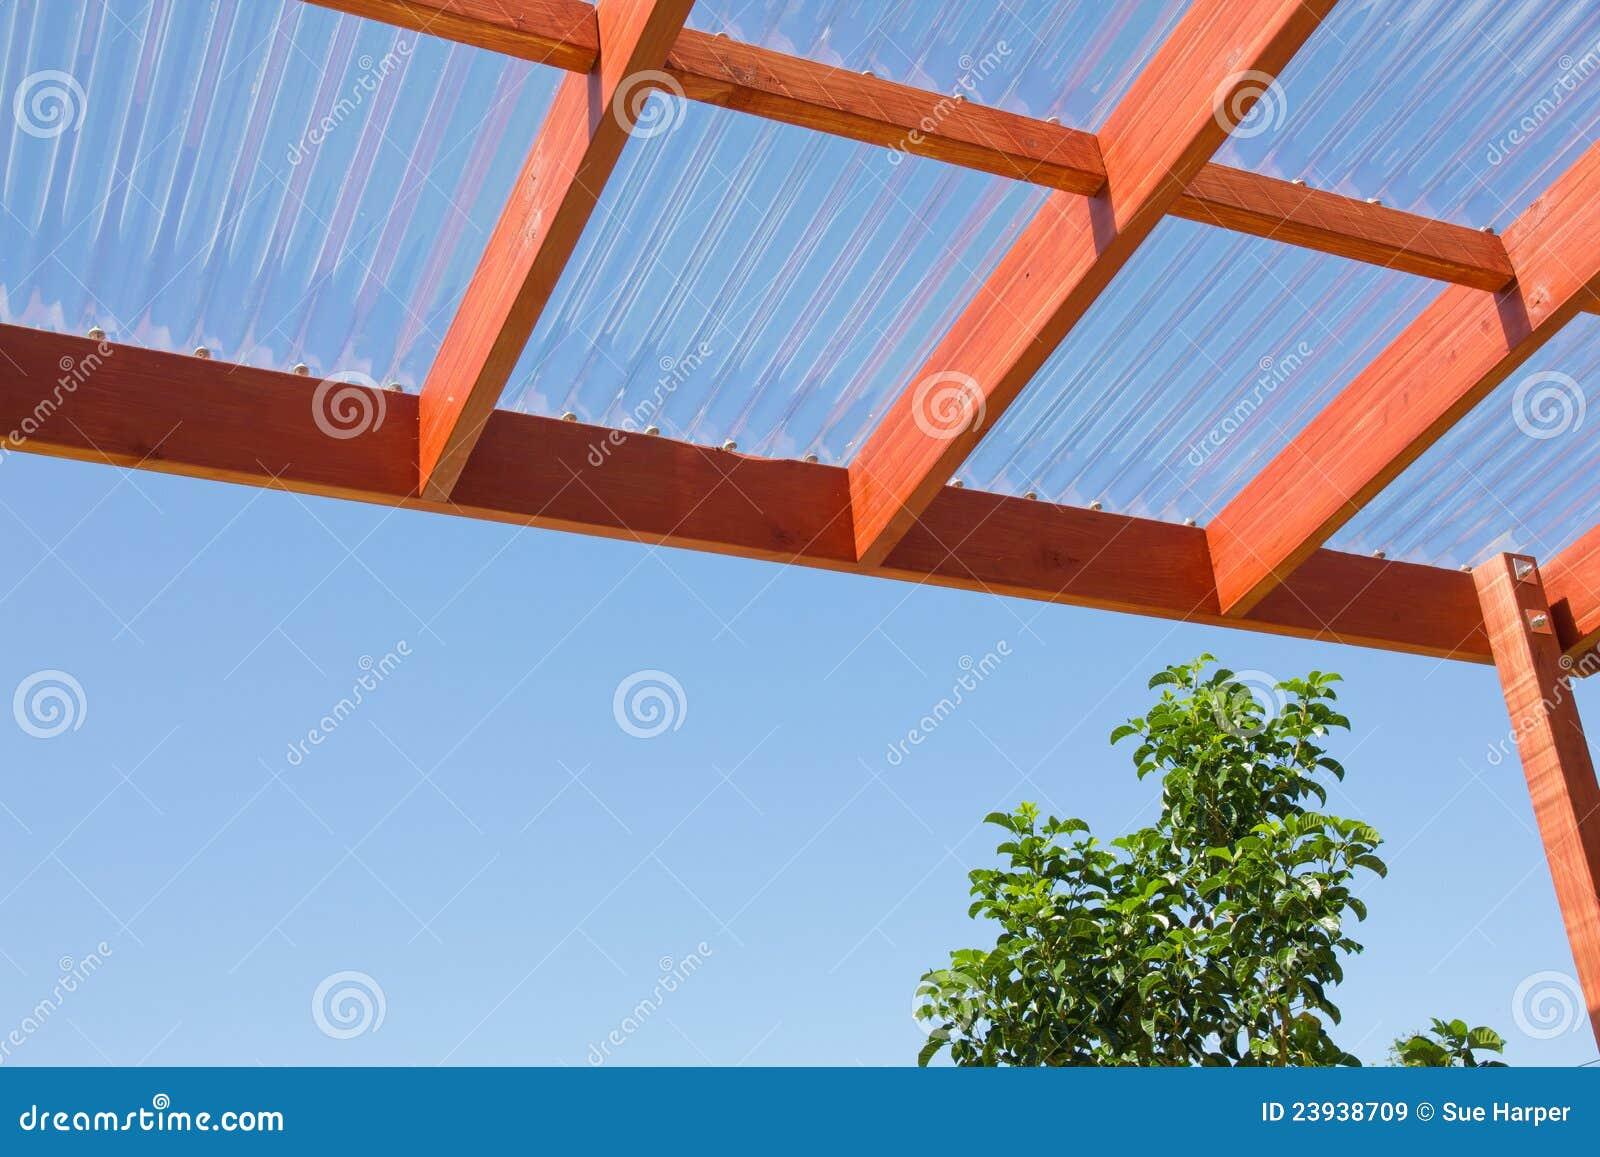 Houten pergola tegen blauwe hemel royalty vrije stock afbeeldingen afbeelding 23938709 - Pergola verkoop ...